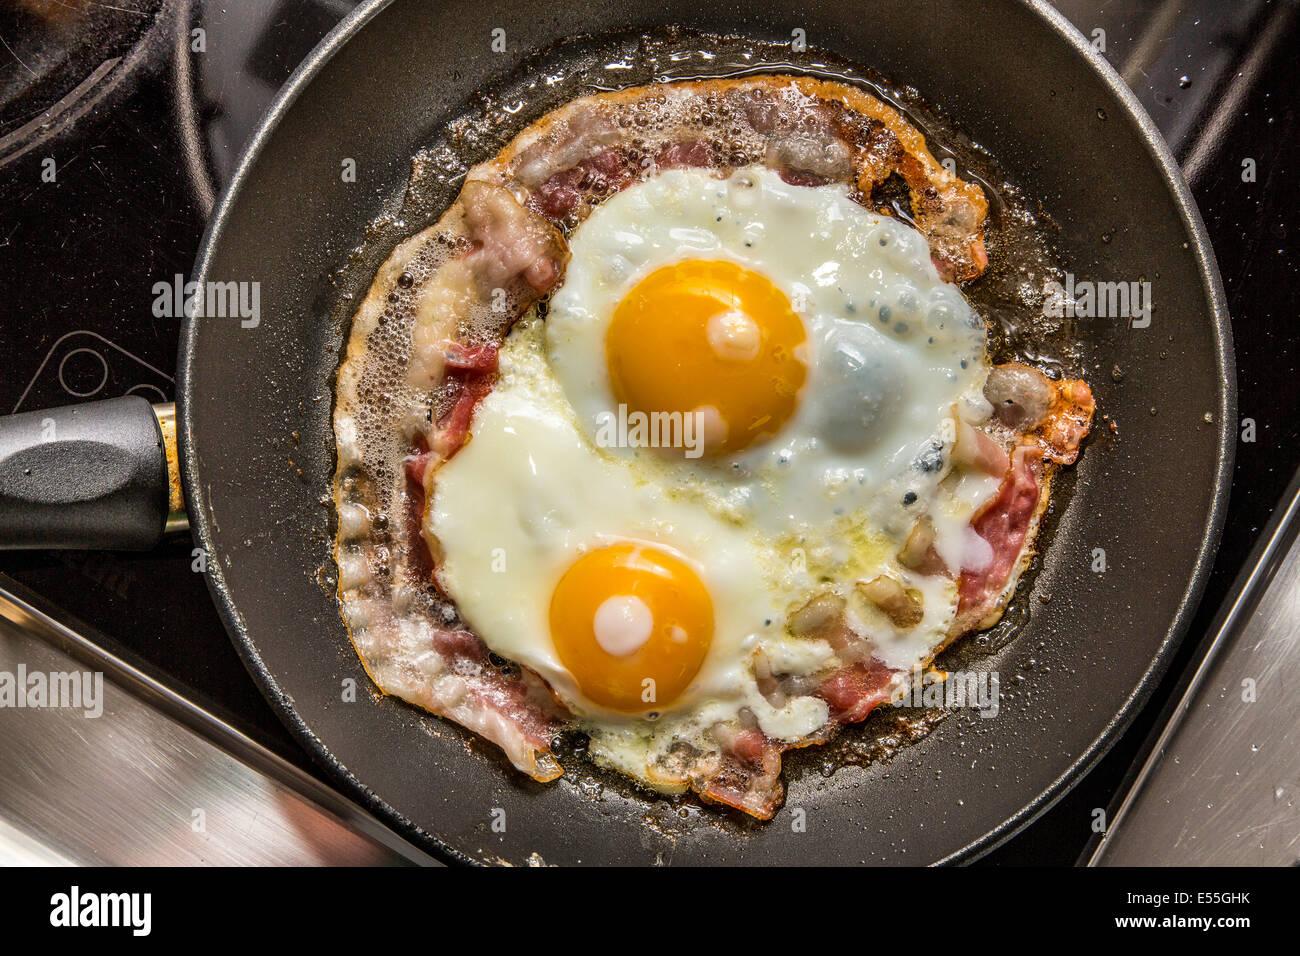 Spiegeleier und Speck in einer Pfanne erhitzen, Frühstück, Stockbild